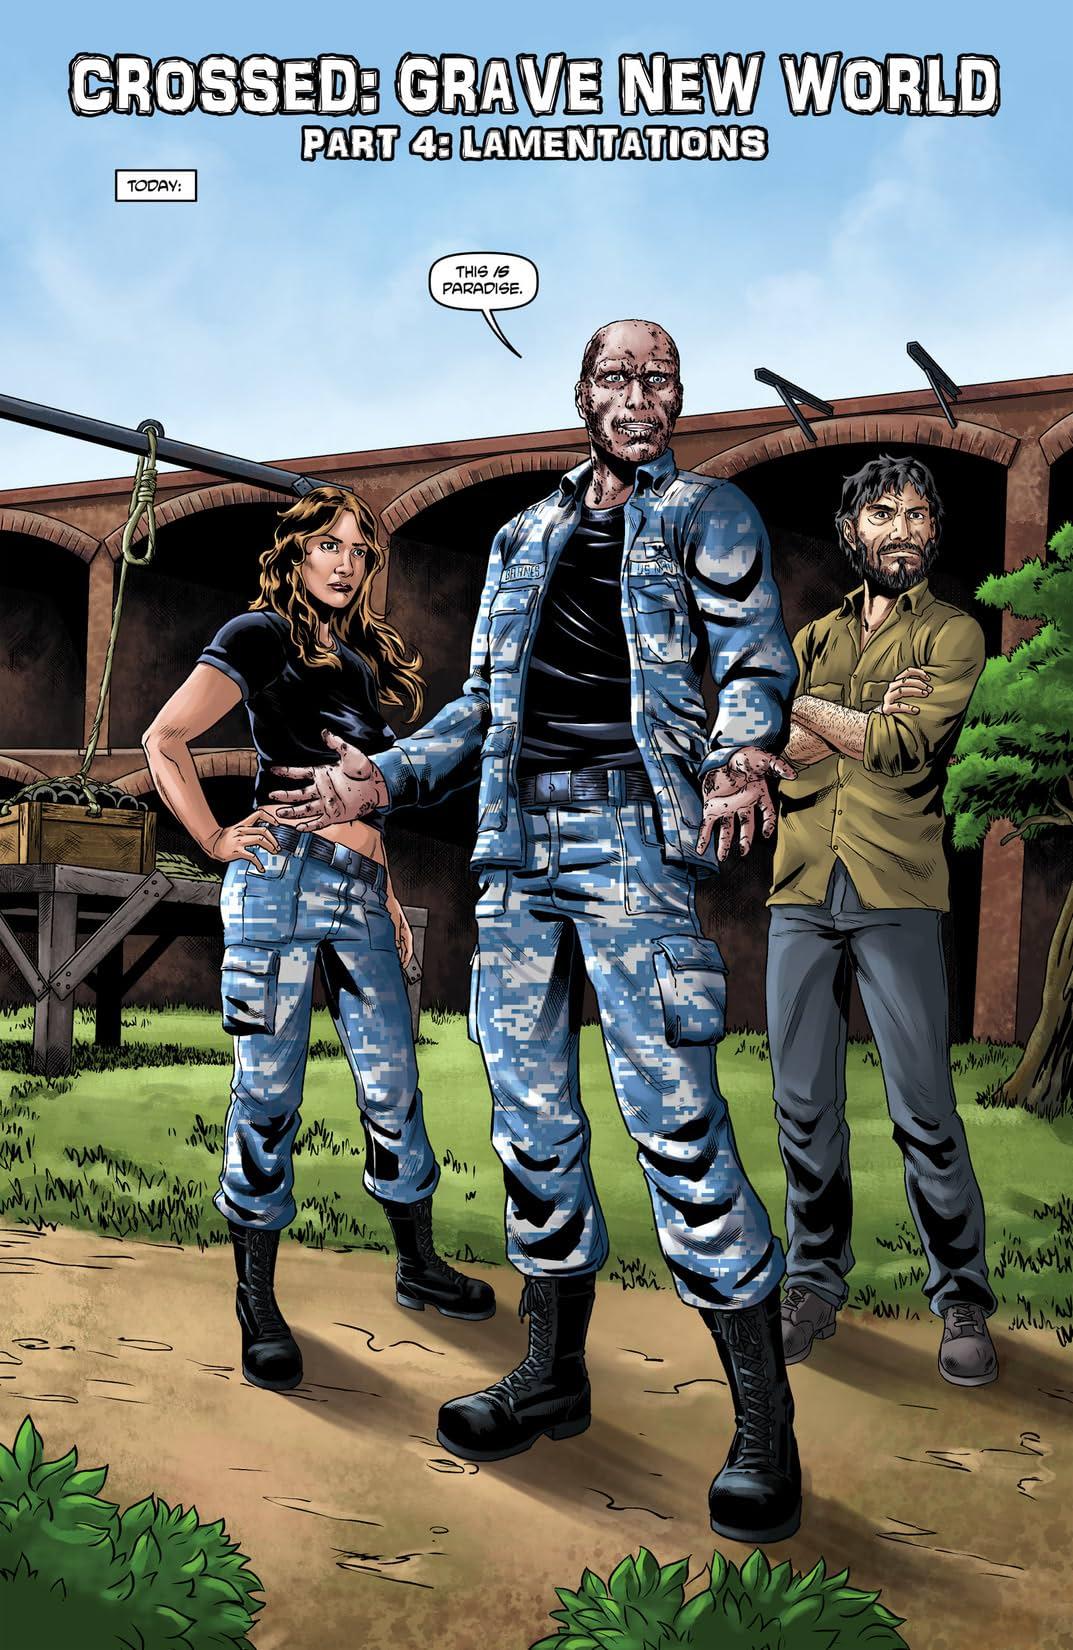 Crossed: Badlands #47